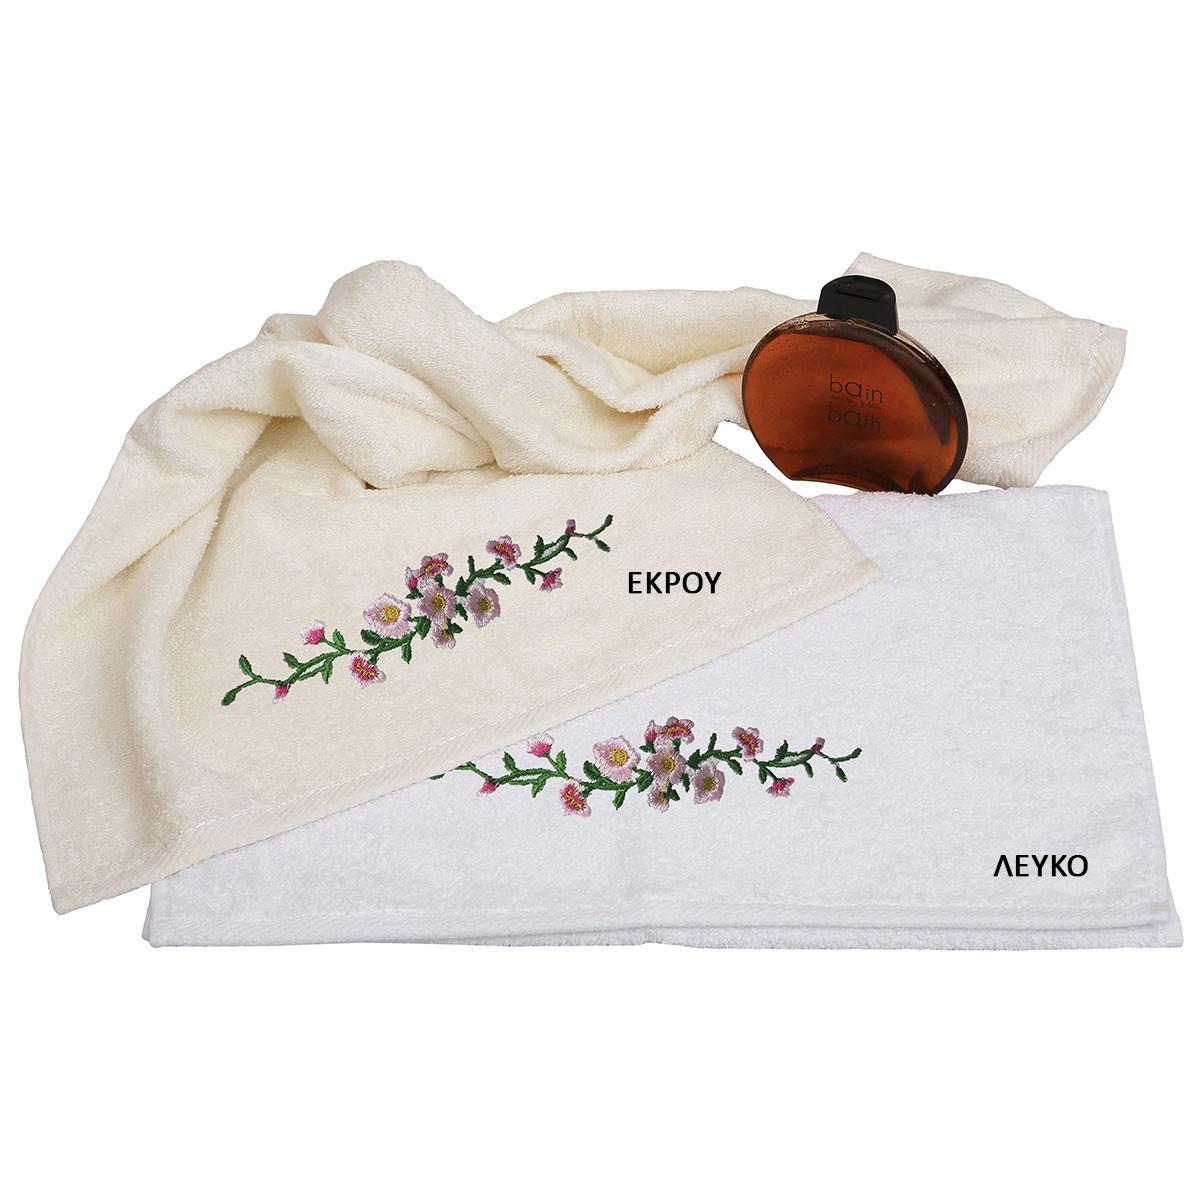 Πετσέτες Μπάνιου (Σετ 2τμχ) Viopros Bath Ideas Σχ 39